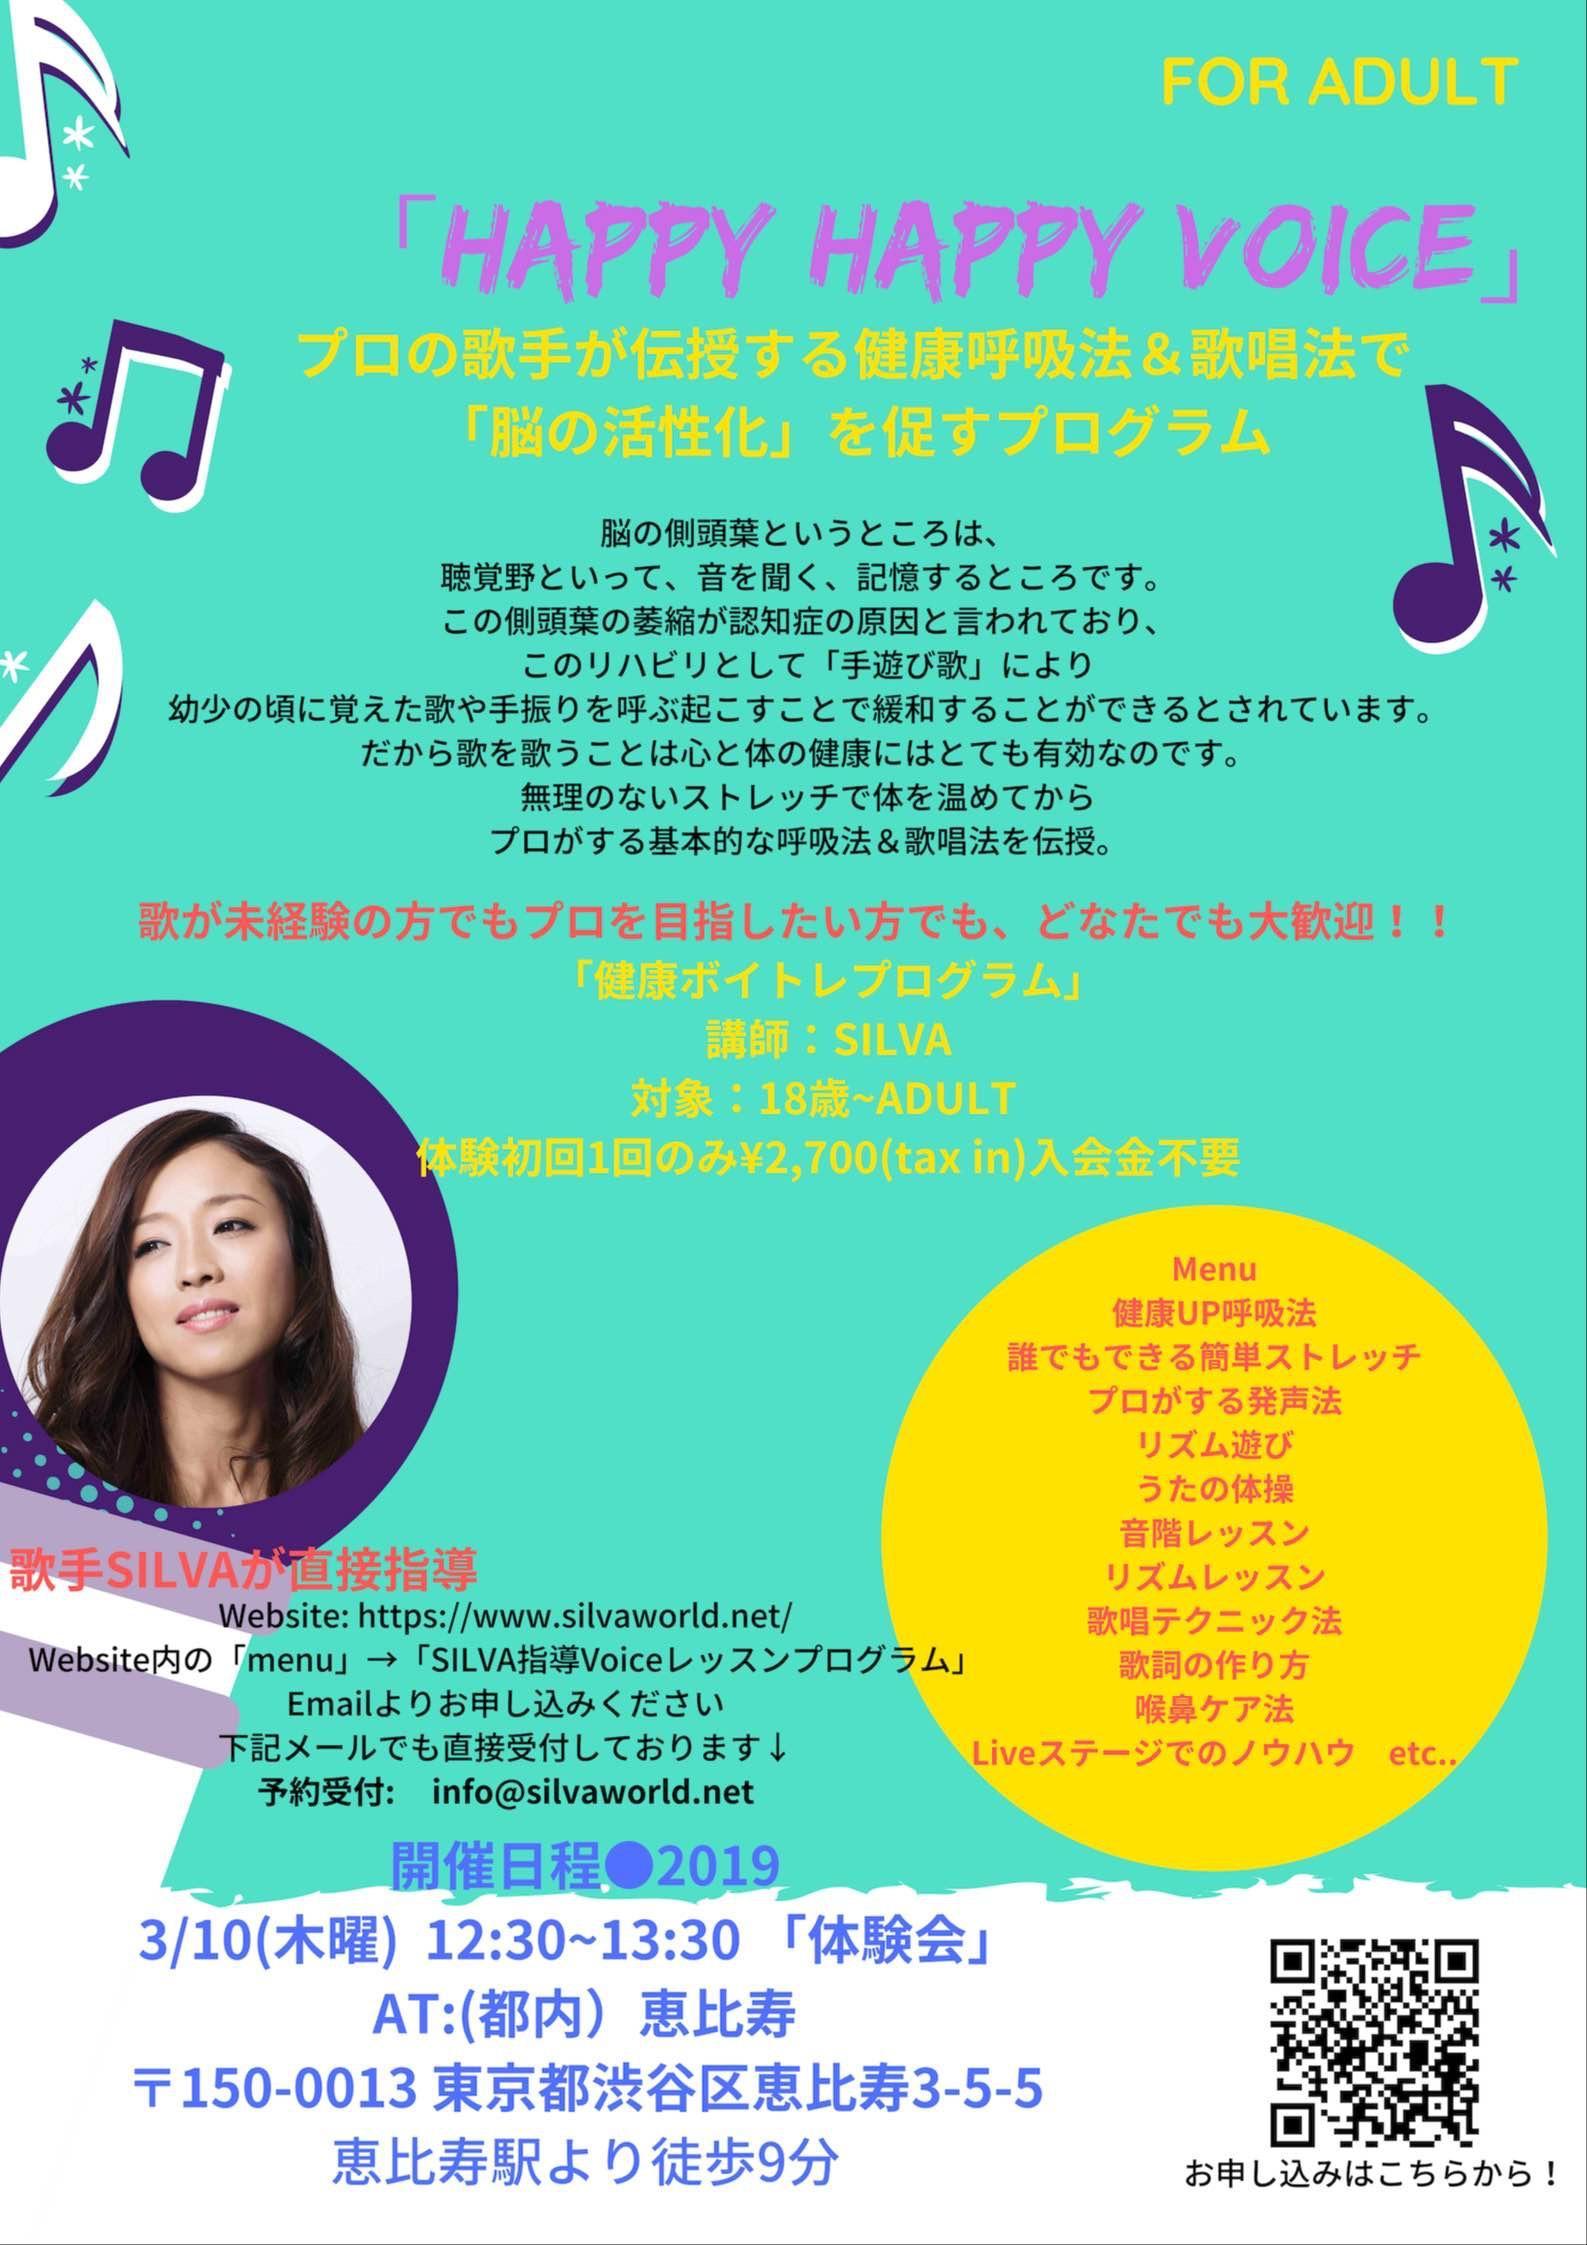 プロの歌手歌手SILVAが直接伝授する健康呼吸法&歌唱法